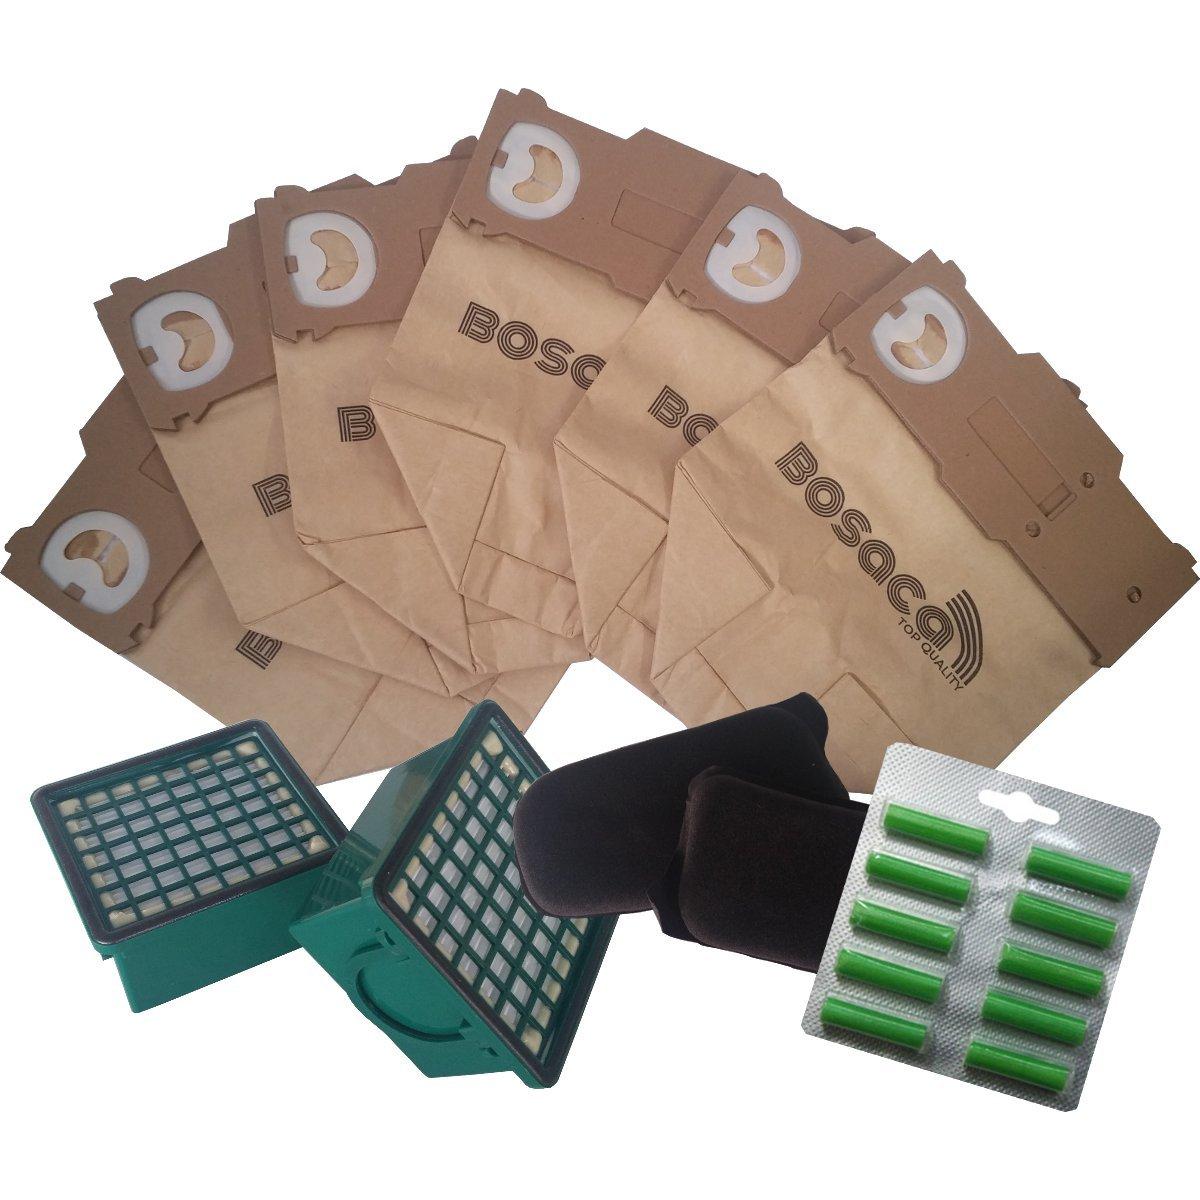 Kit 12 Sacchetti Folletto Vorwerk VK 130 VK131 + 12 Profumini + 2 Microfiltri Igienici + 2 FIltri Carbone Attivo - Garanzia 24 Mesi Bosaca Ufficiale